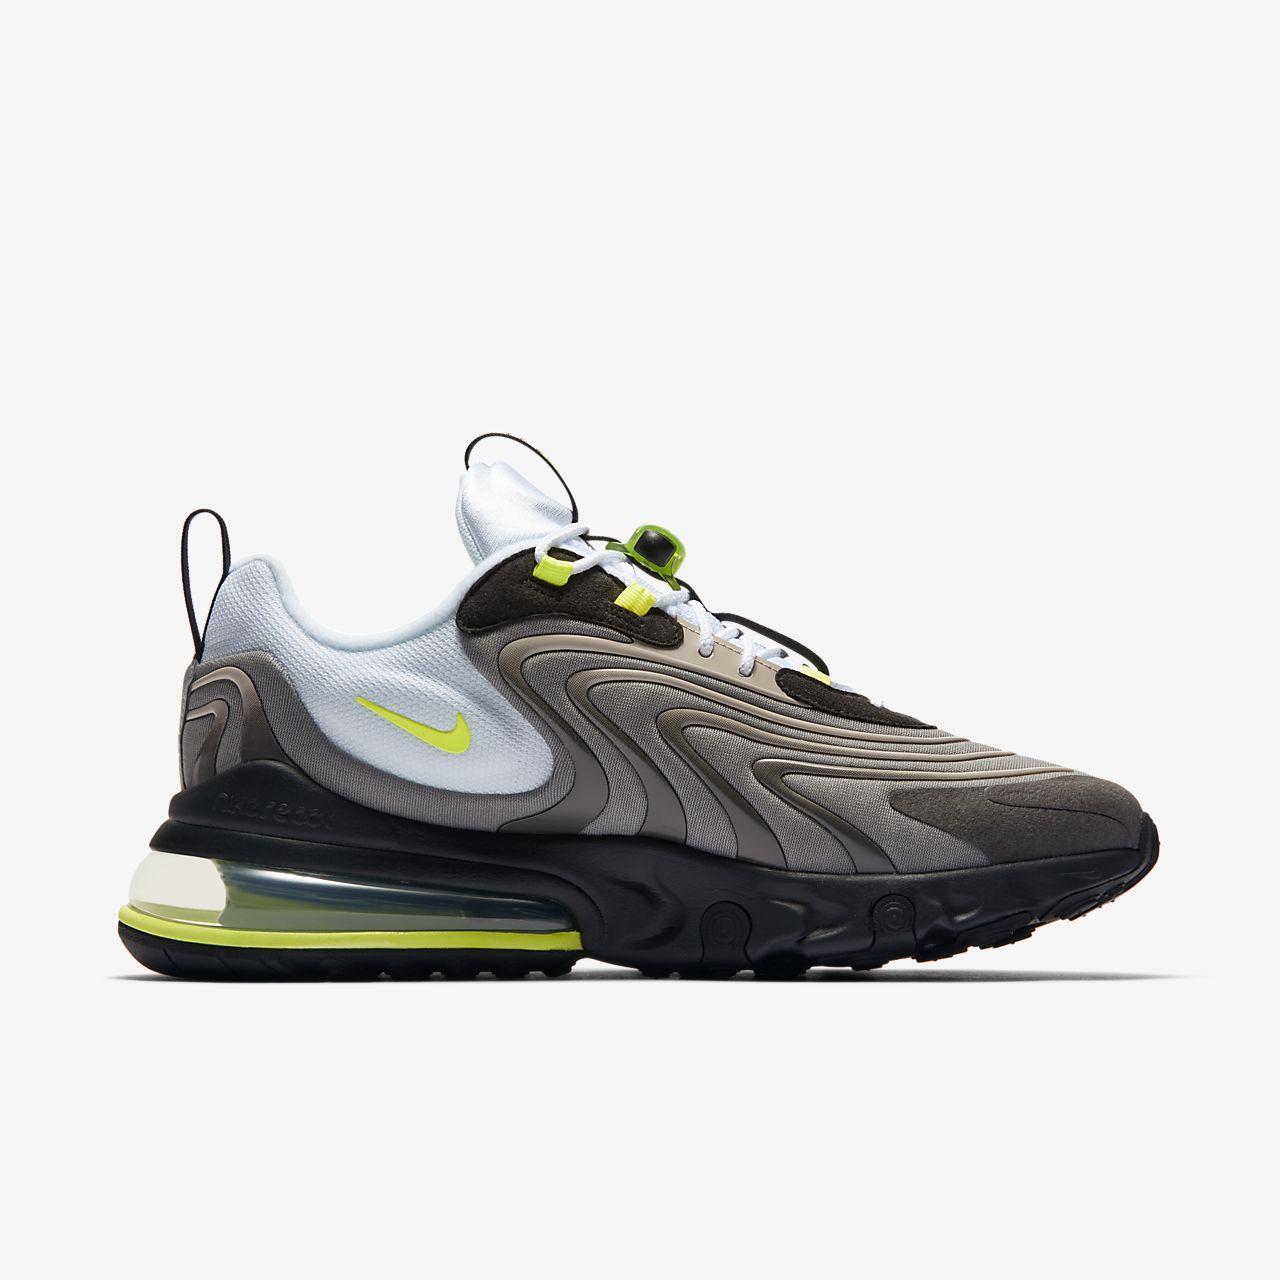 Nike Scarpe Da Uomo Negozio Di Tendenza: Nike Air Presto Qs